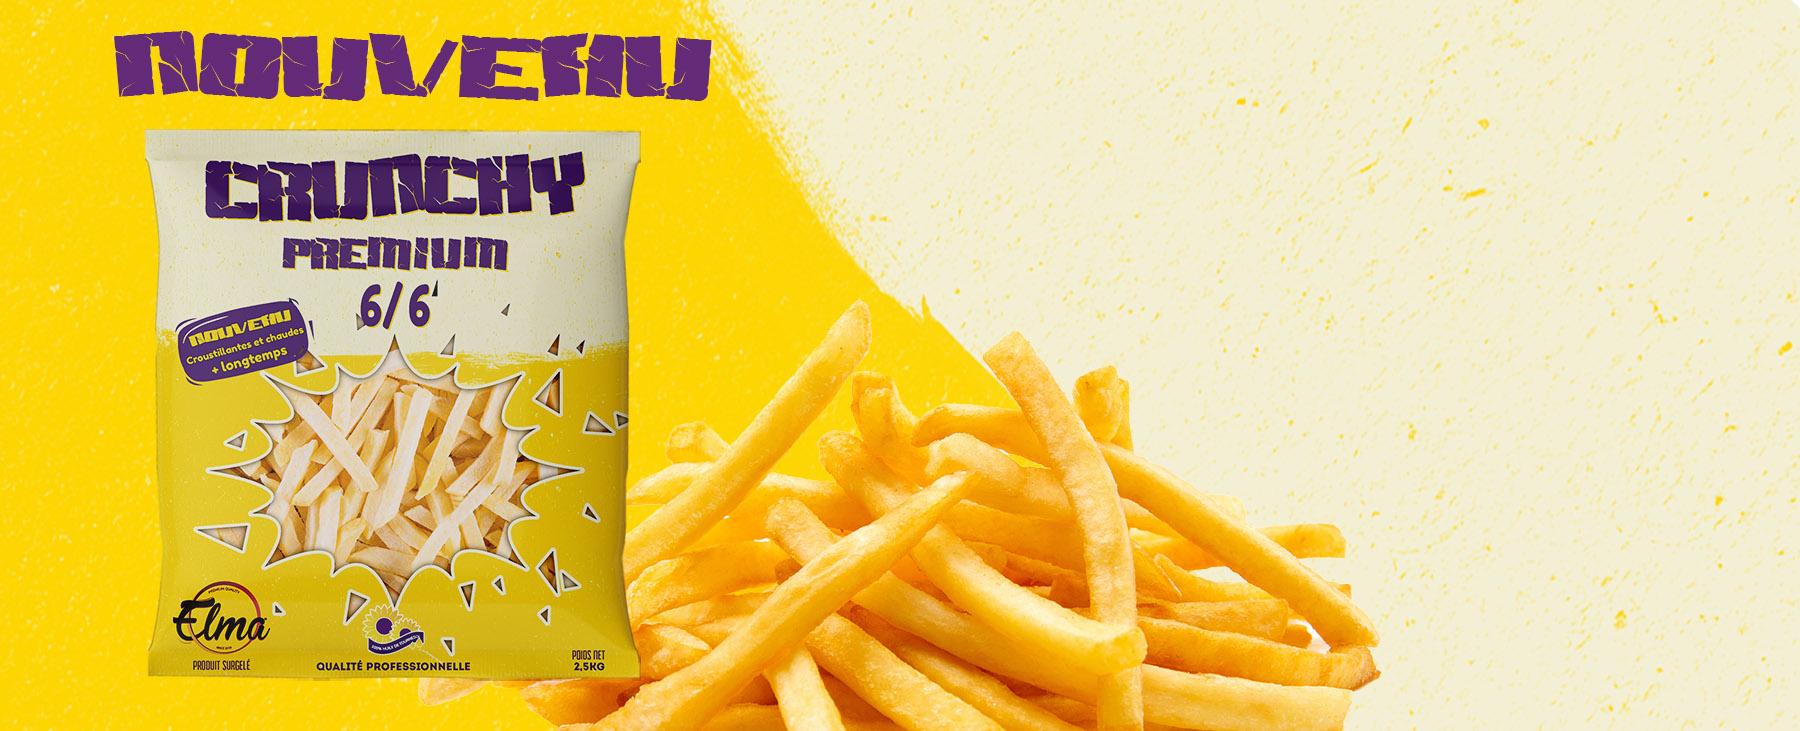 Elma-slide-nouveau-sachet-et-frites-crunchy-premium